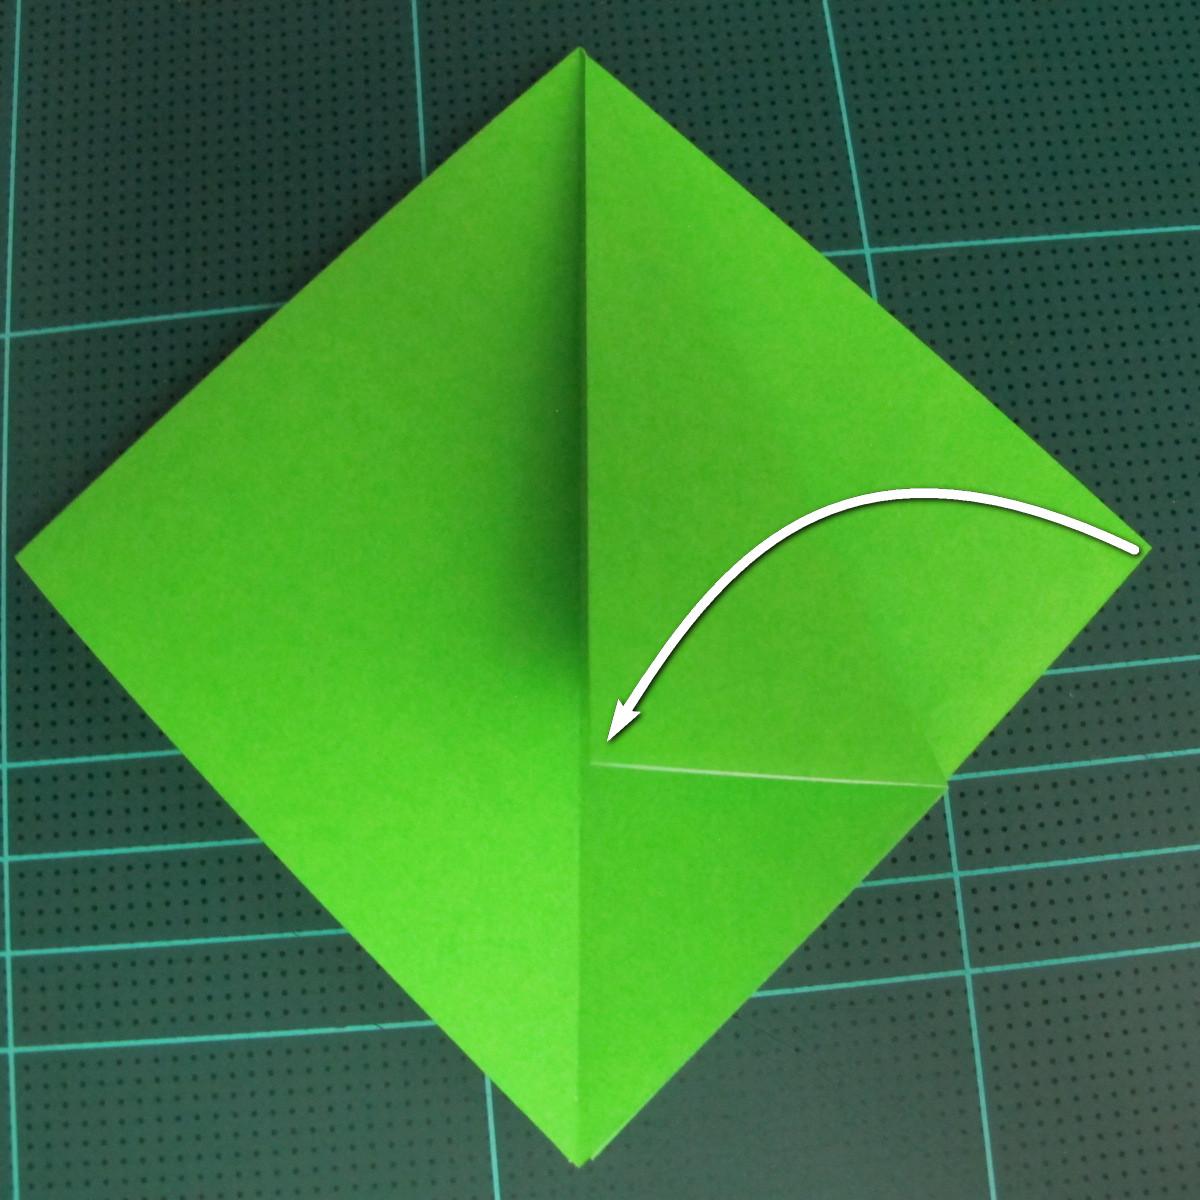 วิธีพับกระดาษเป็นจรวด X-WING สตาร์วอร์ (Origami X-WING) 006